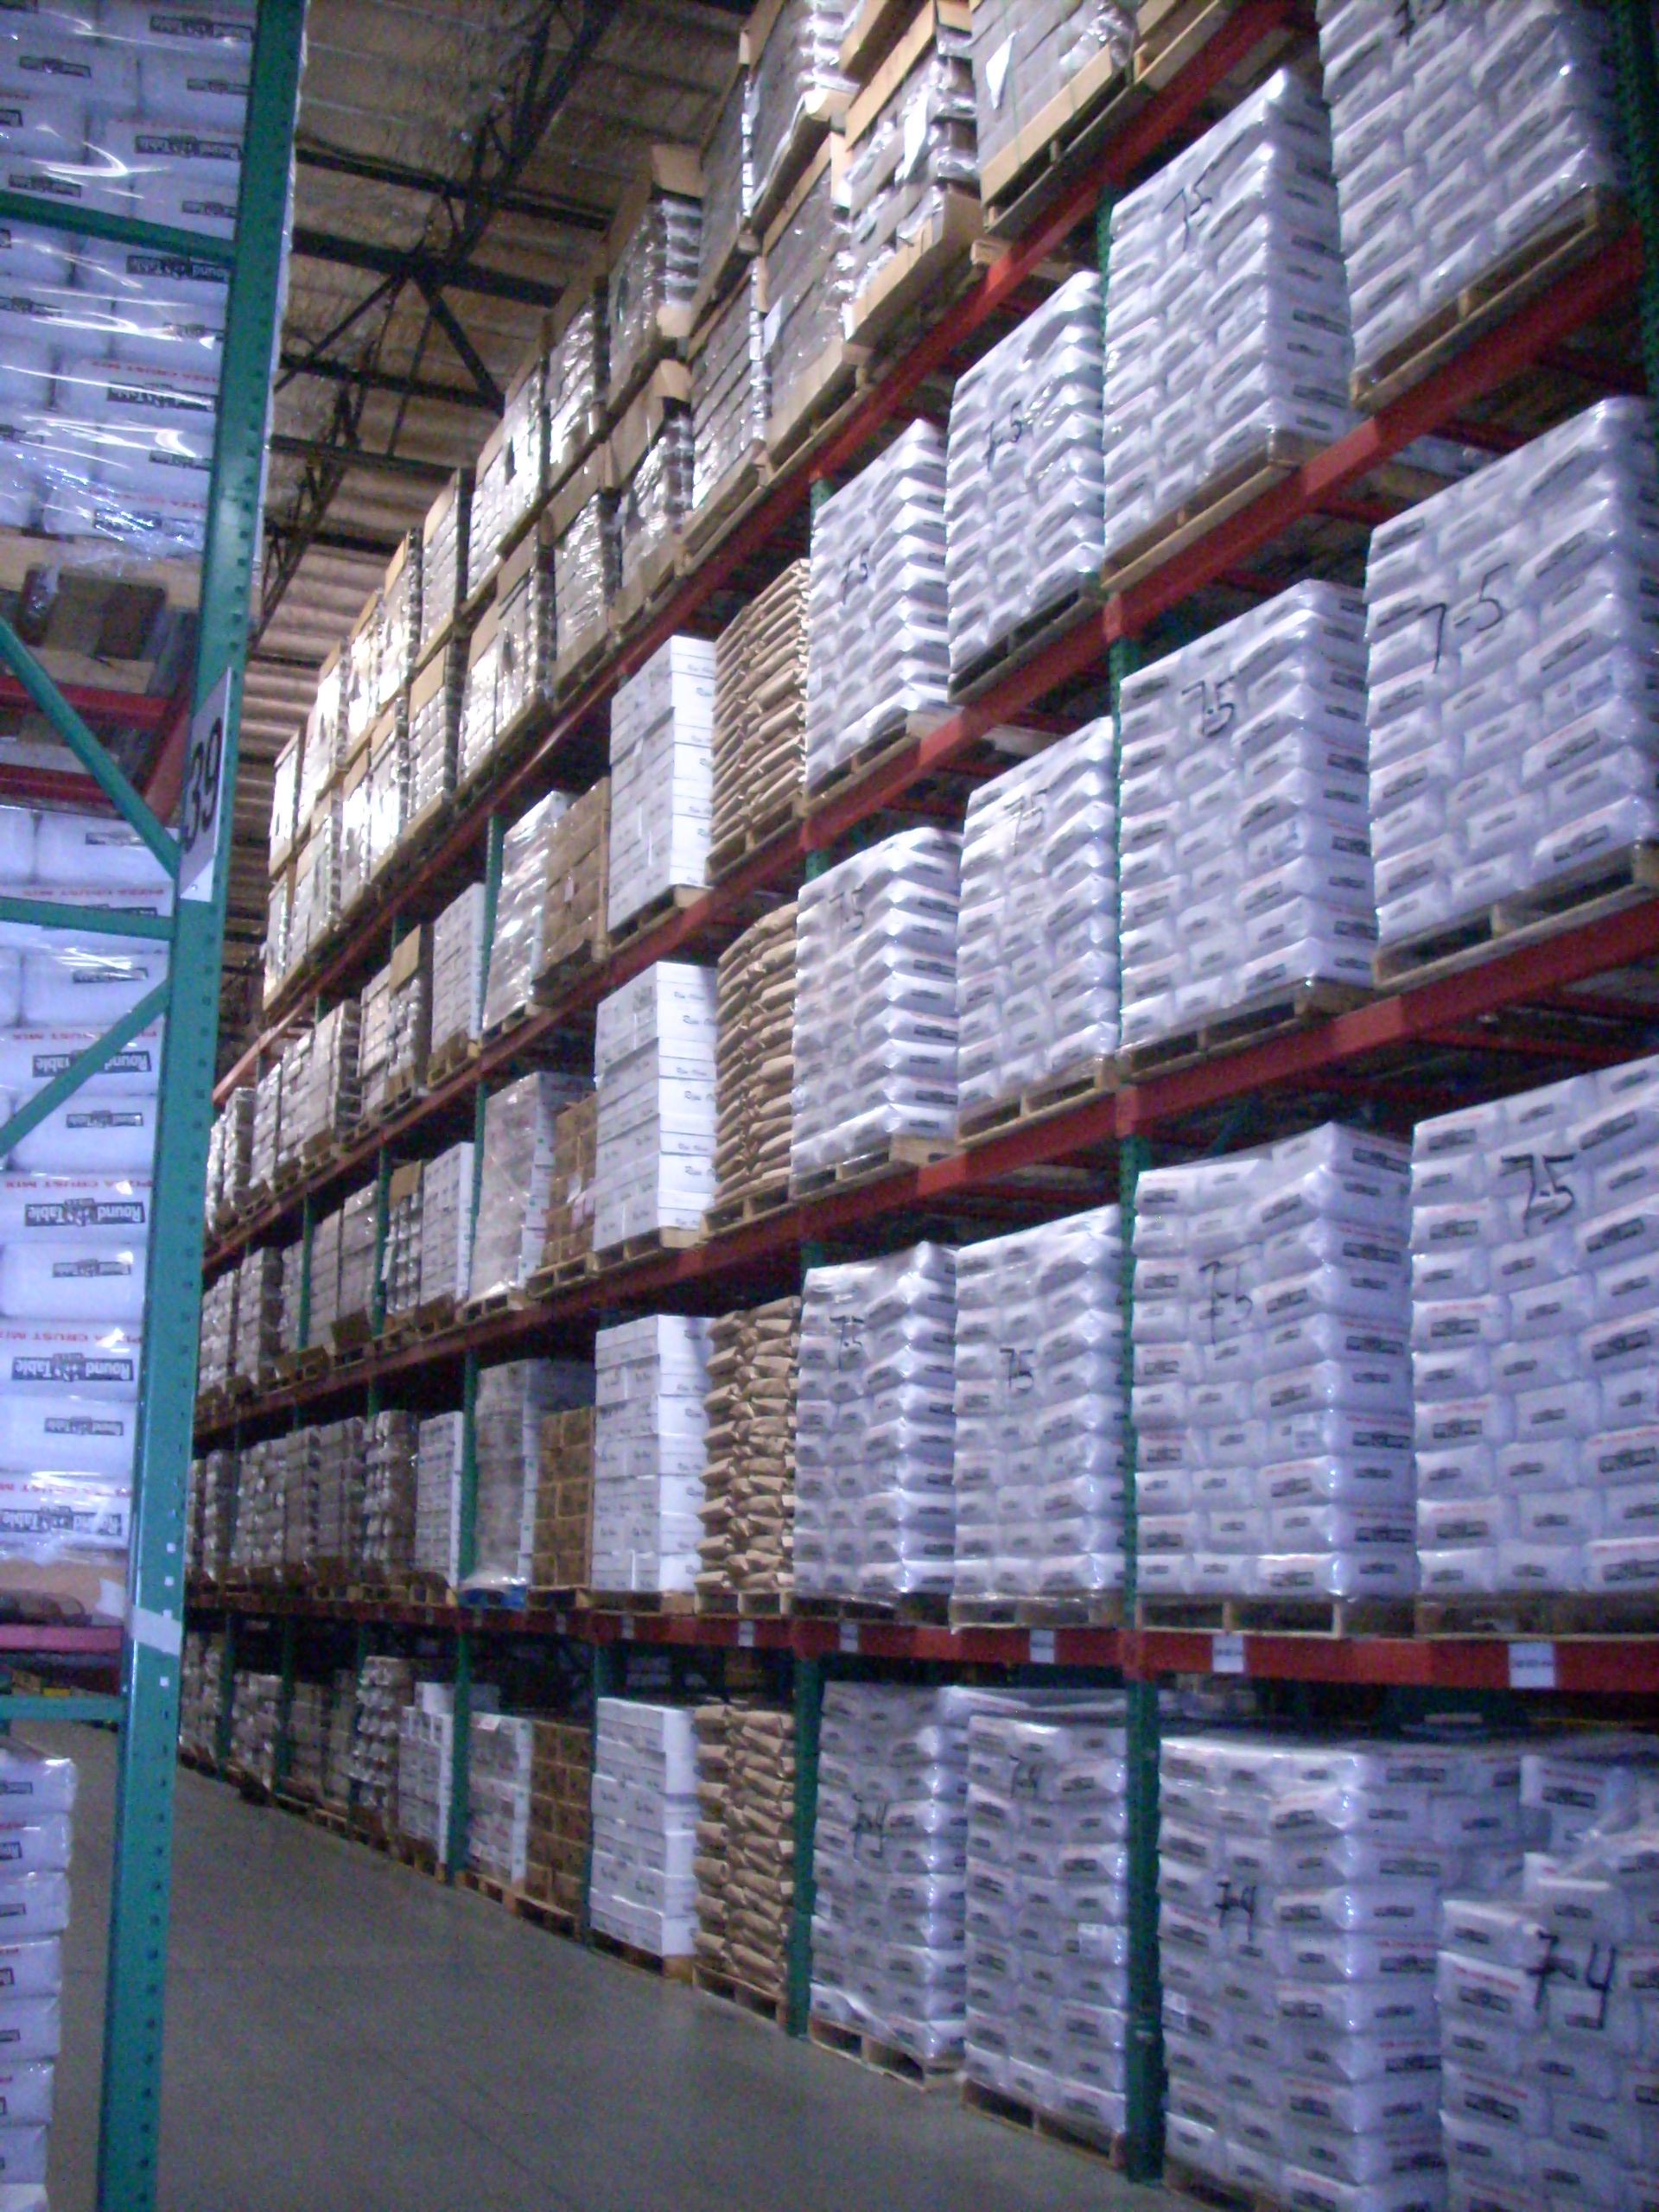 fresno rack and shelving